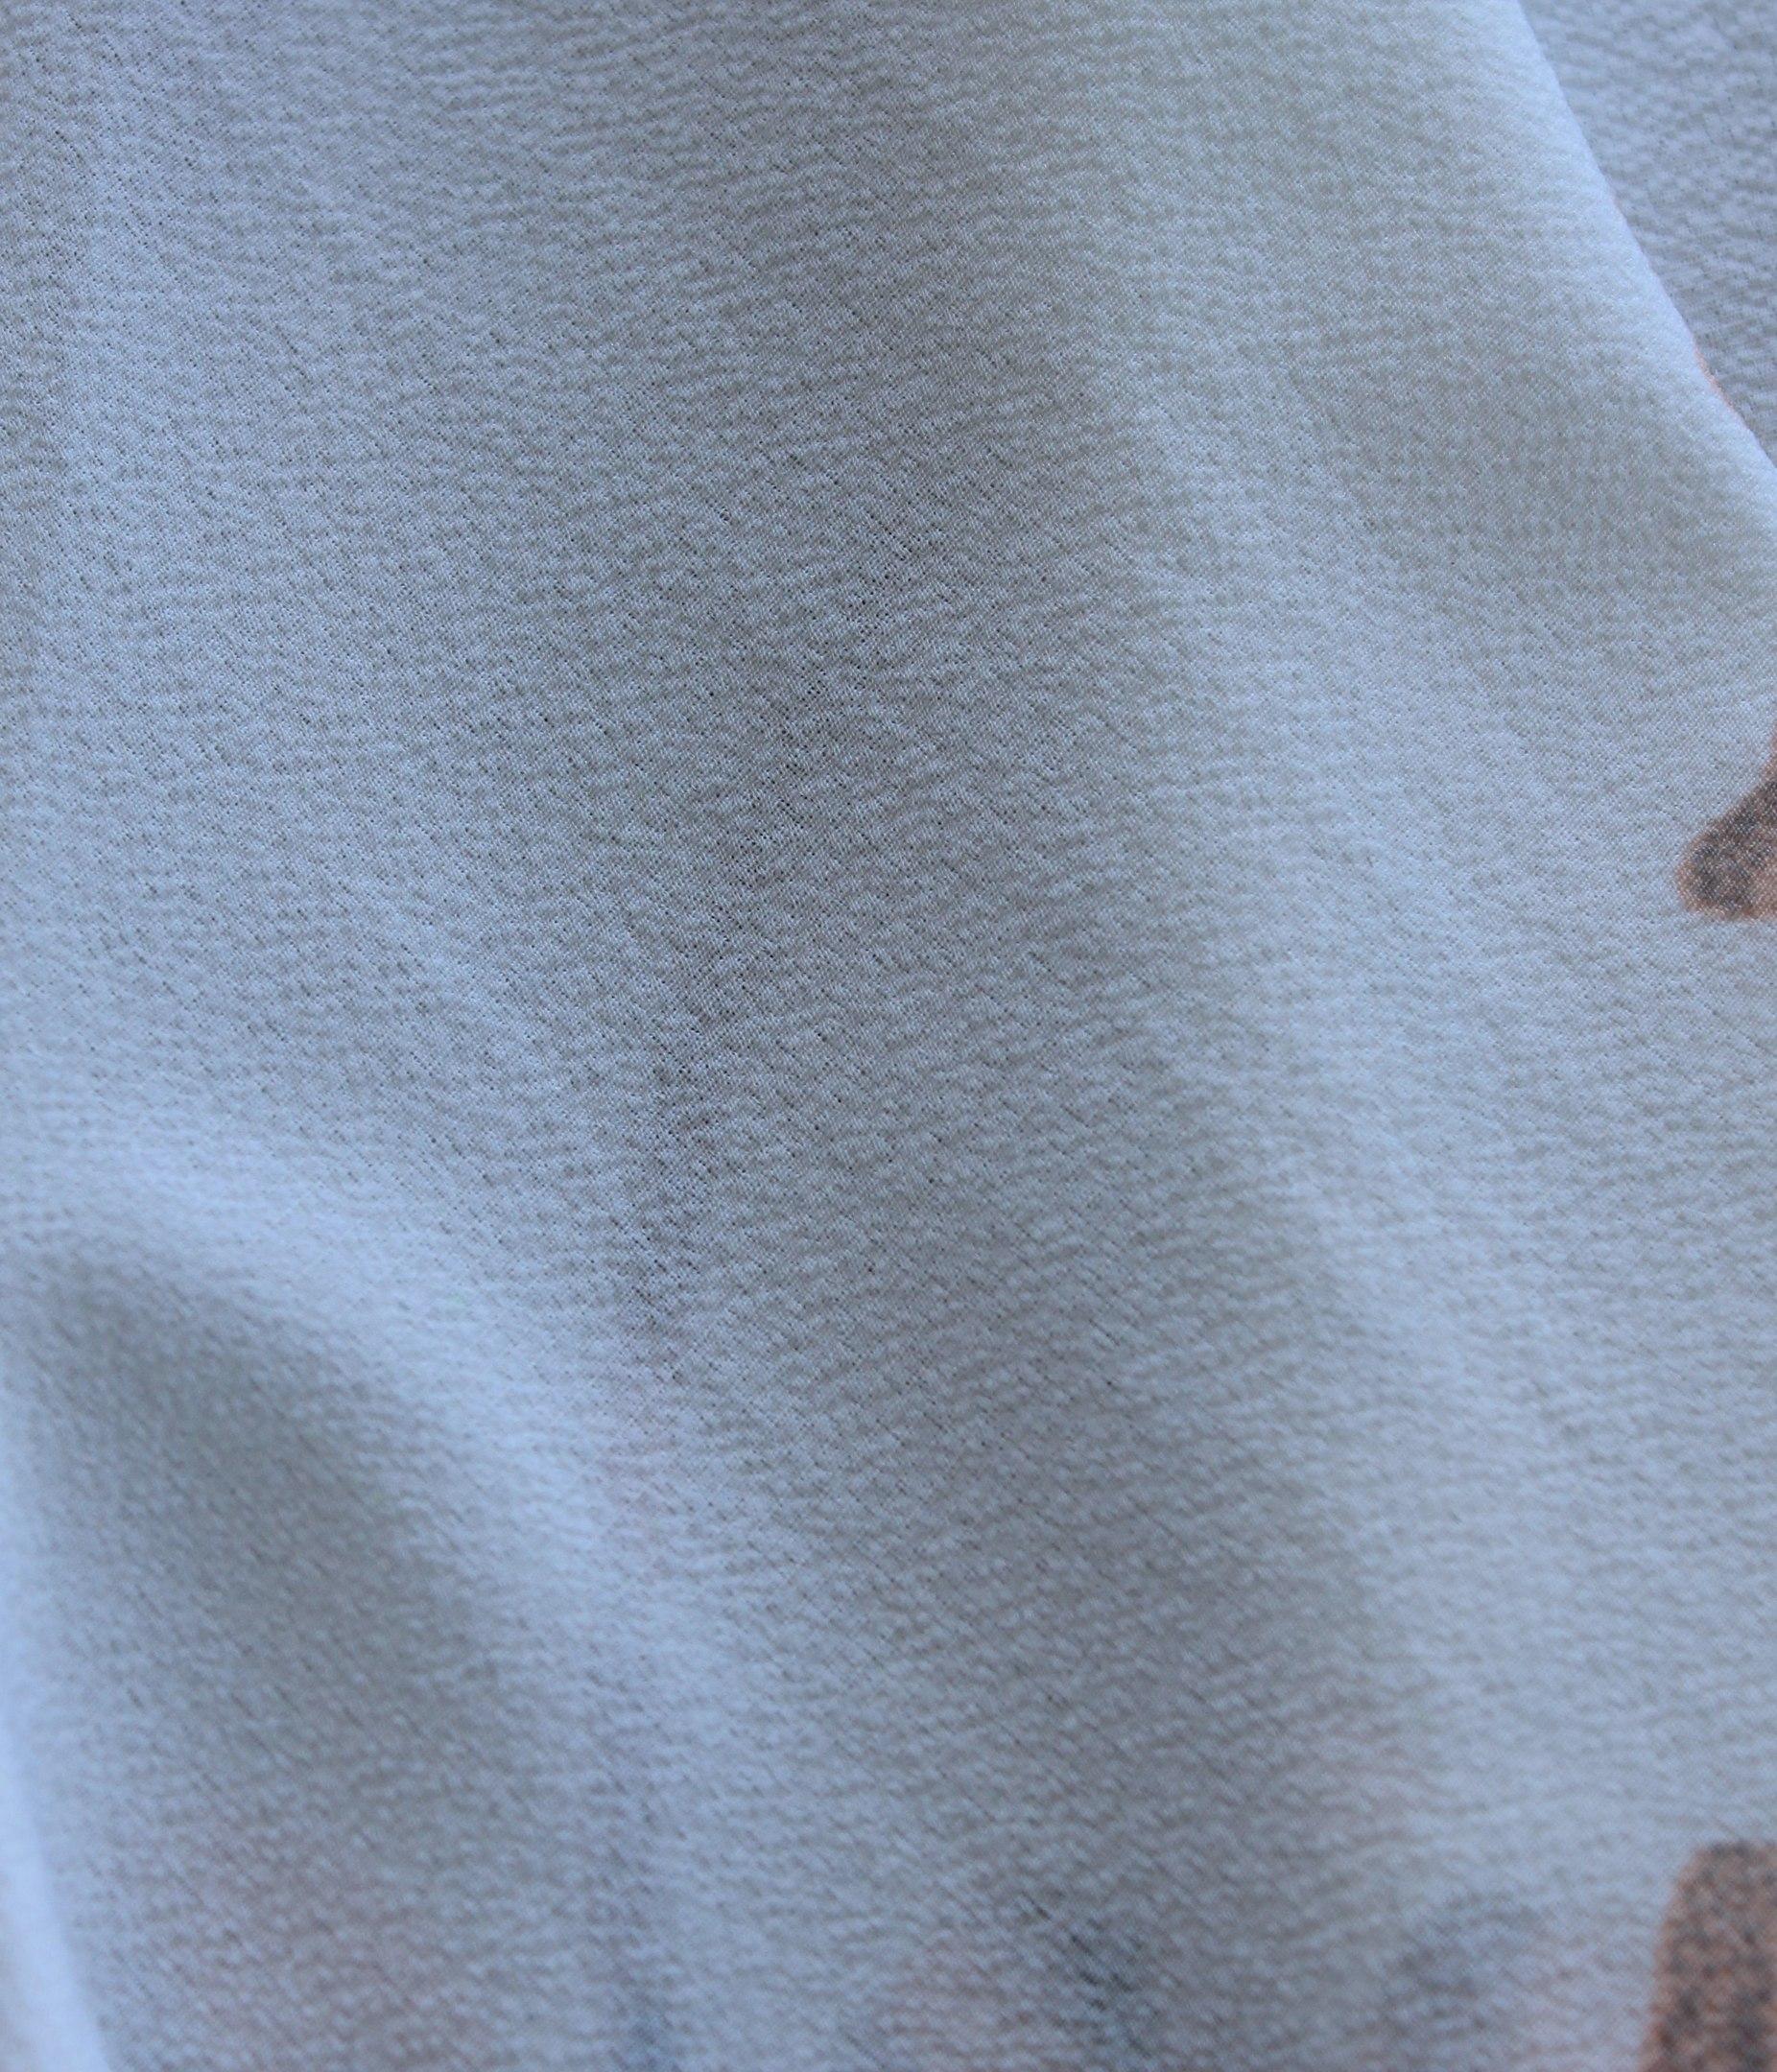 Я влюбилась Да да я влюбилась в этот песочник Женственный нежный красивый- потрясающе сидит на фигуре